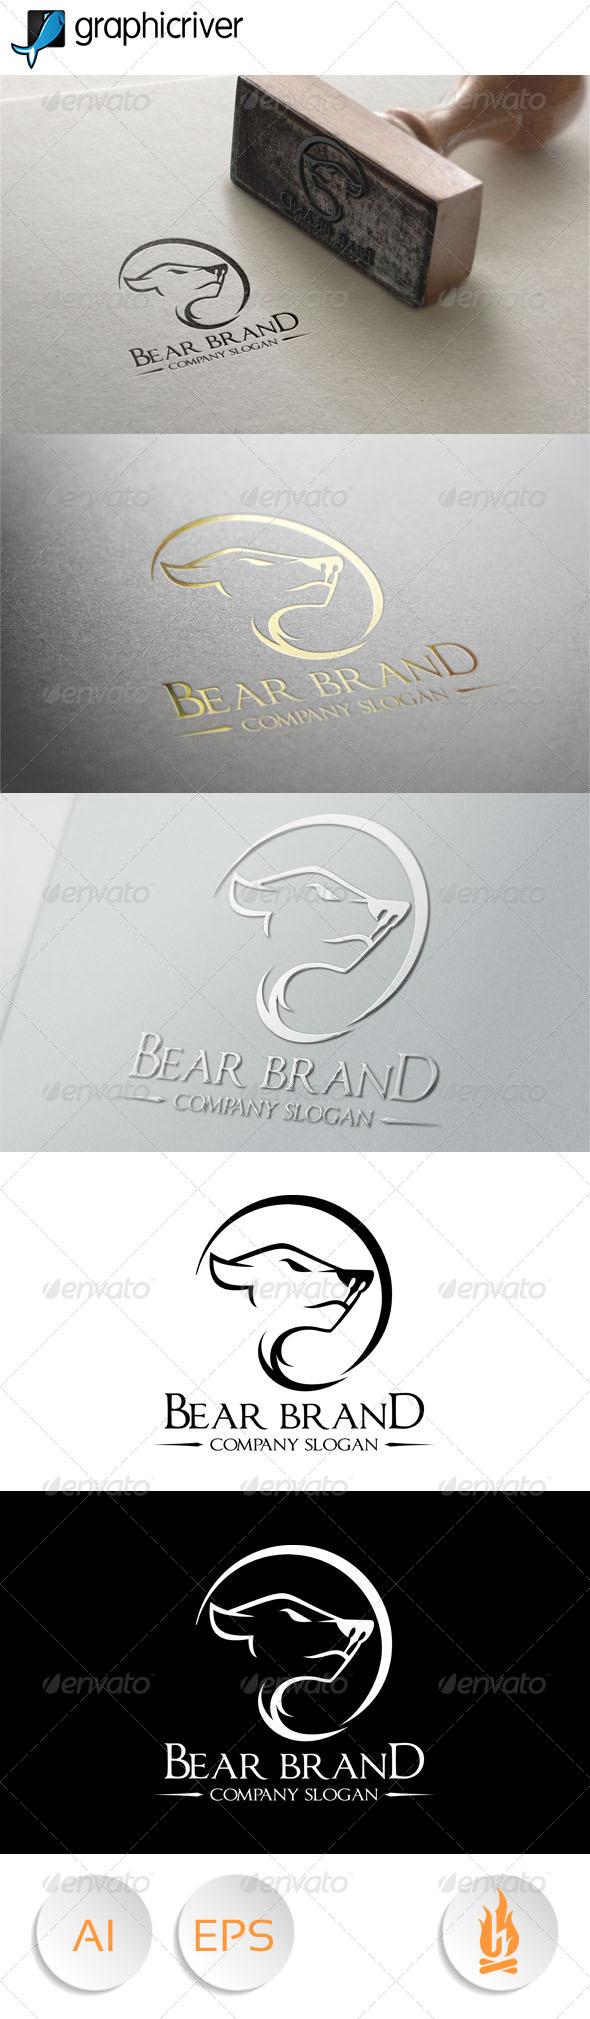 GraphicRiver Bear Brand 7837136